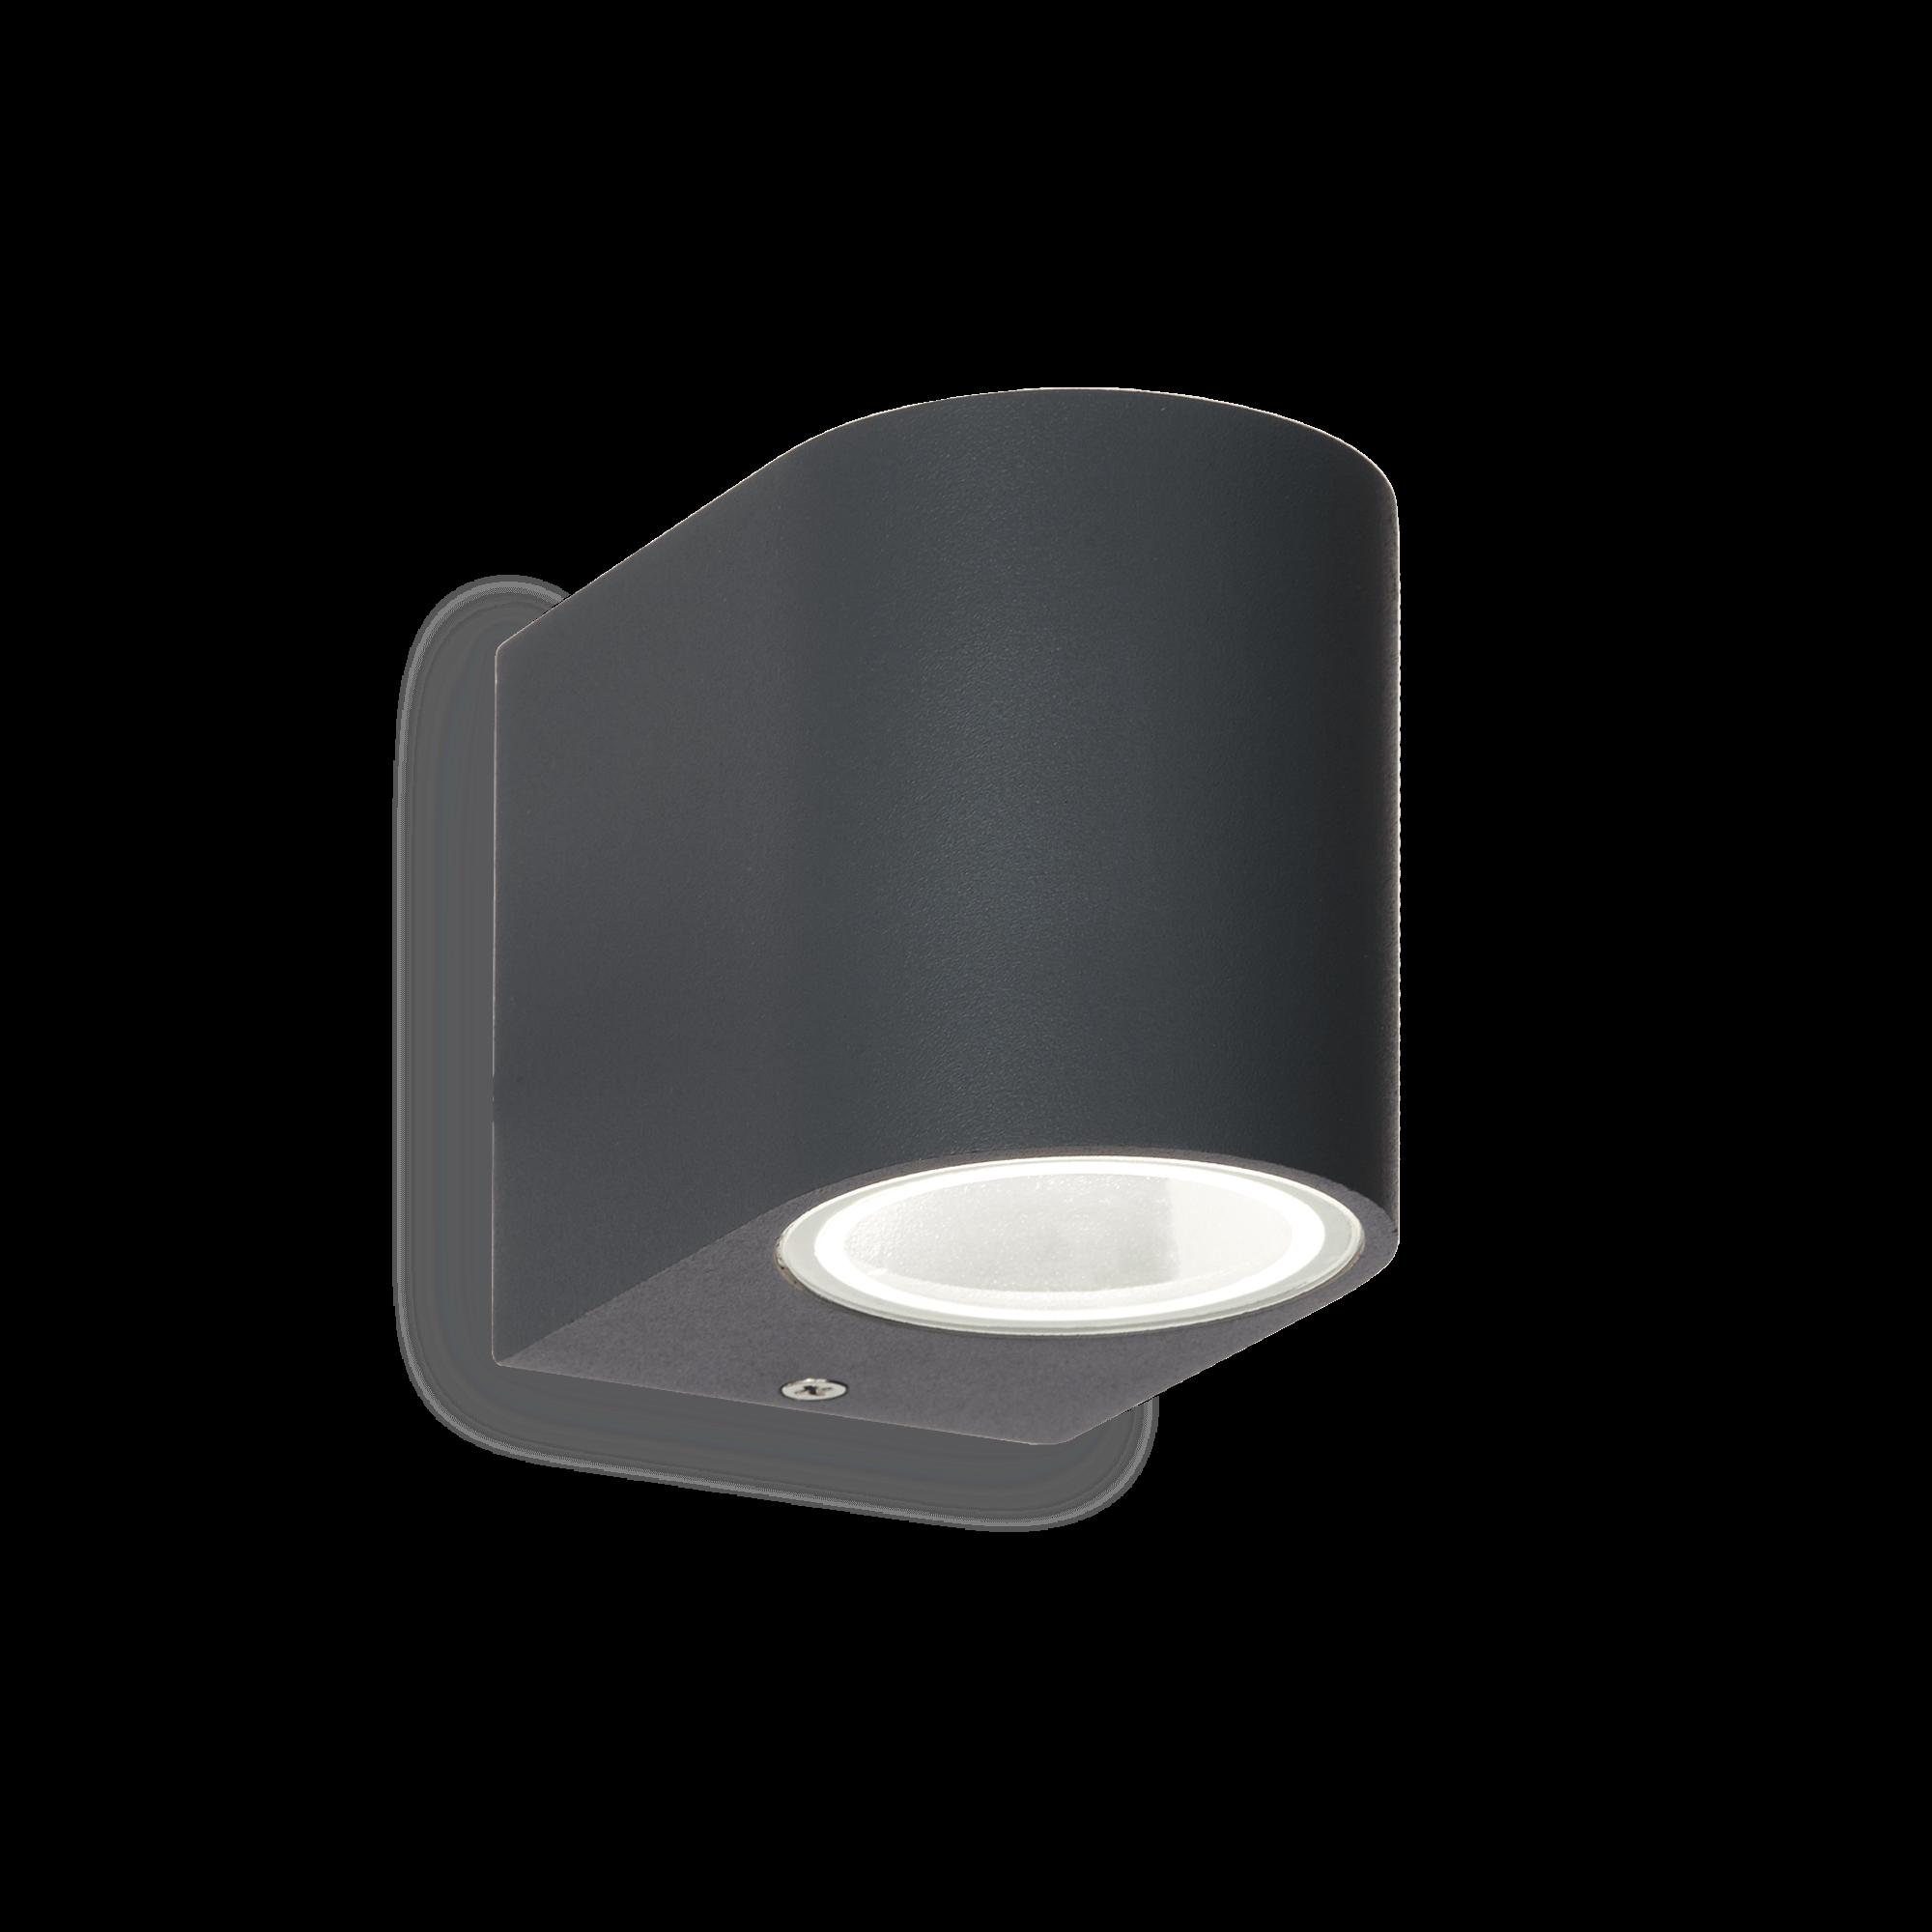 Ideal Lux 092157 Astro AP1 Antracite modern kültéri falilámpa